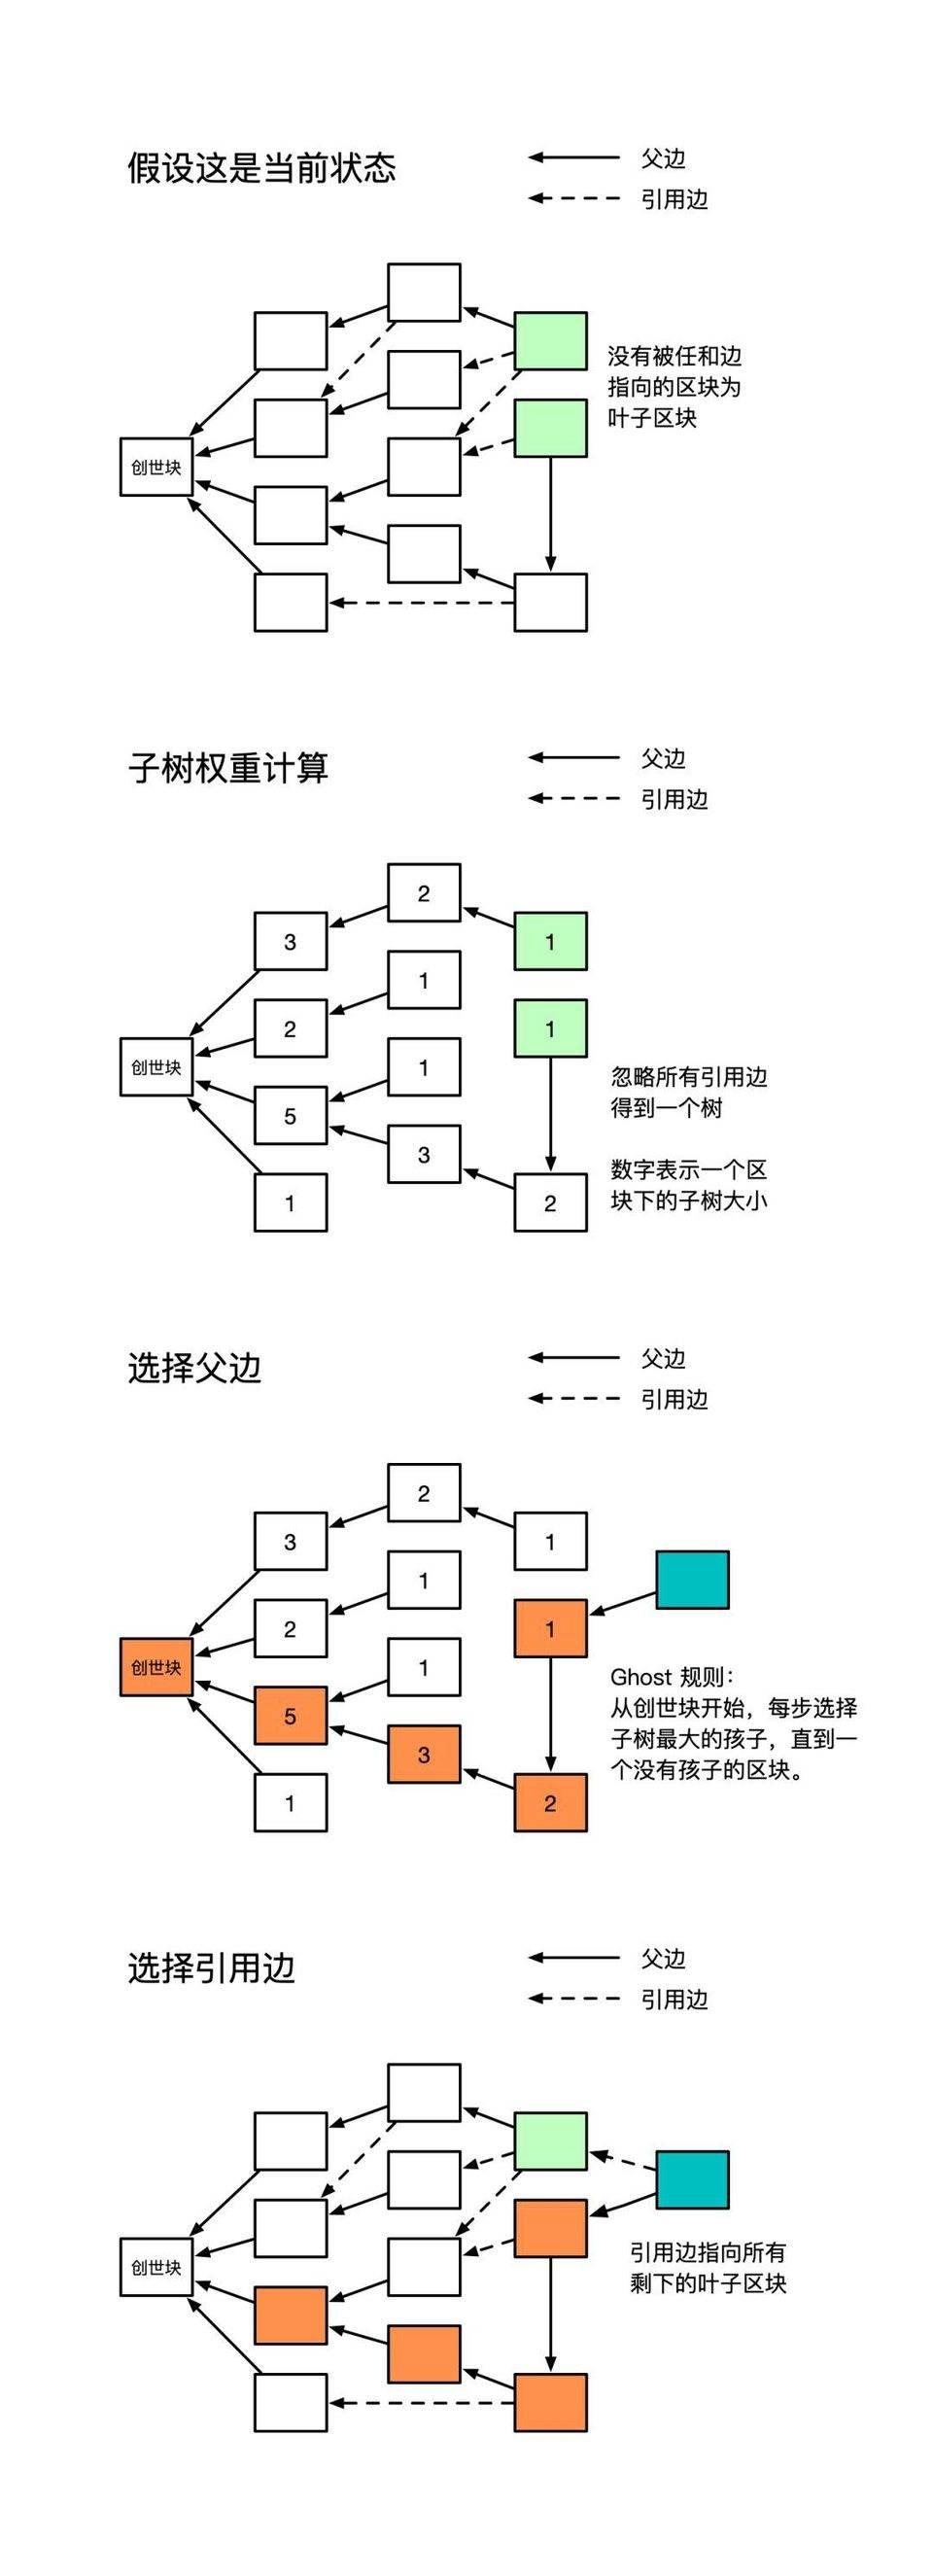 Conflux 伍鸣:如何用 DAG 结构提升中本聪共识的吞吐率